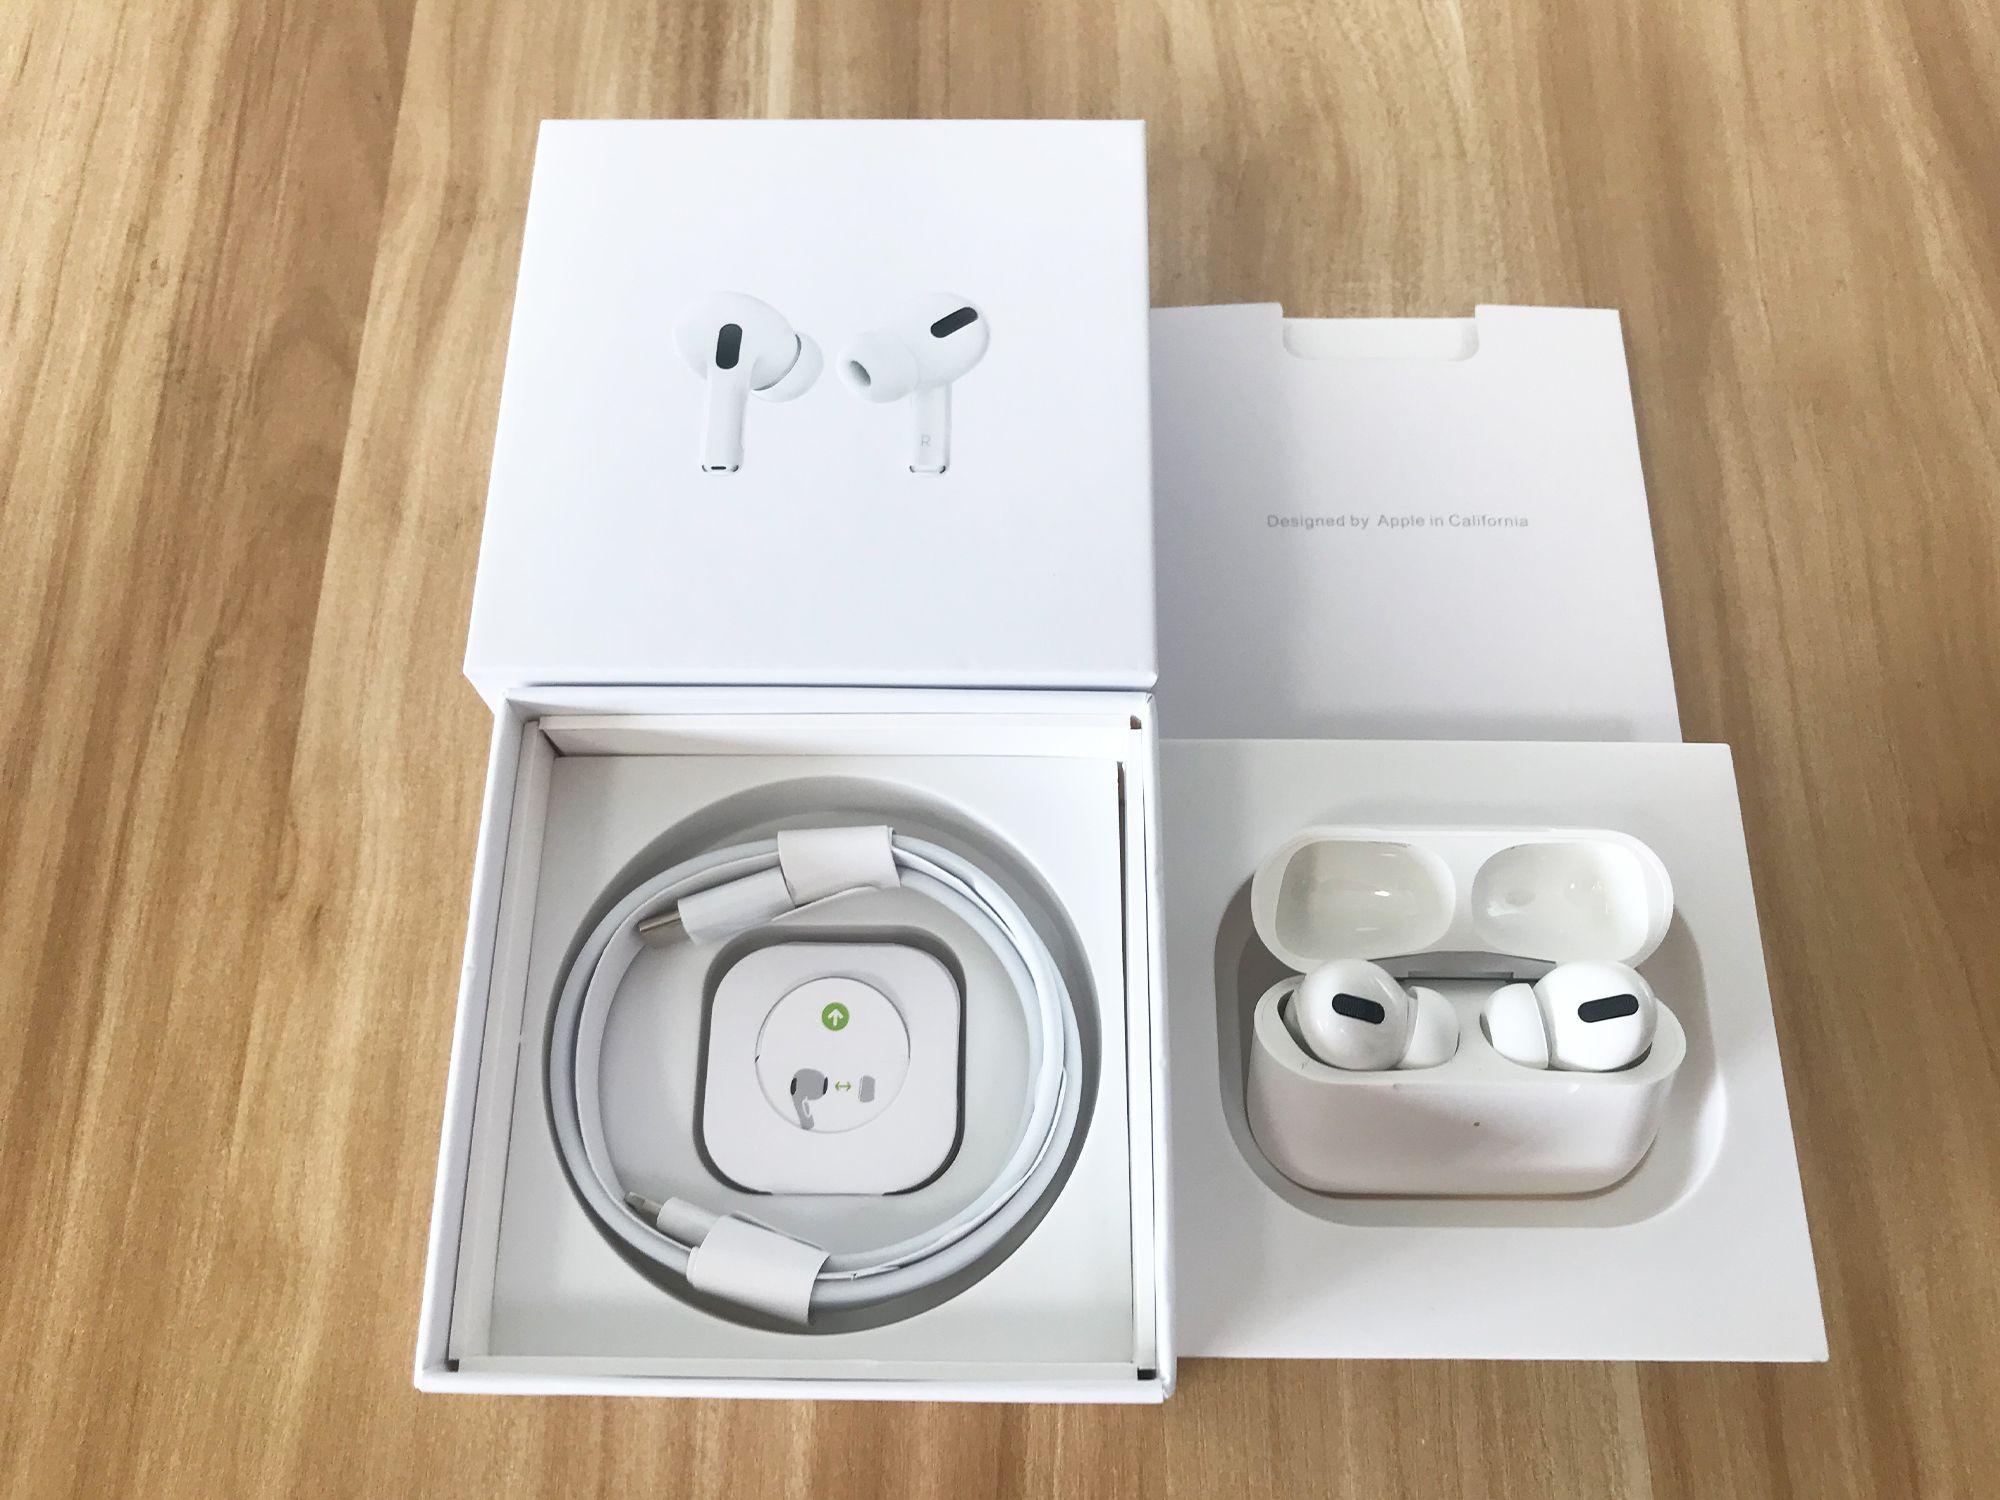 Airpods Pro Air Gen 3 AP3 AP3 AP2 H1 Chip Metal Dobradiça Capas de Cobrança Sem Fio Bluetooth Headphones PK Pods 2 AP3 PRO com ANC com cancelamento de ruído